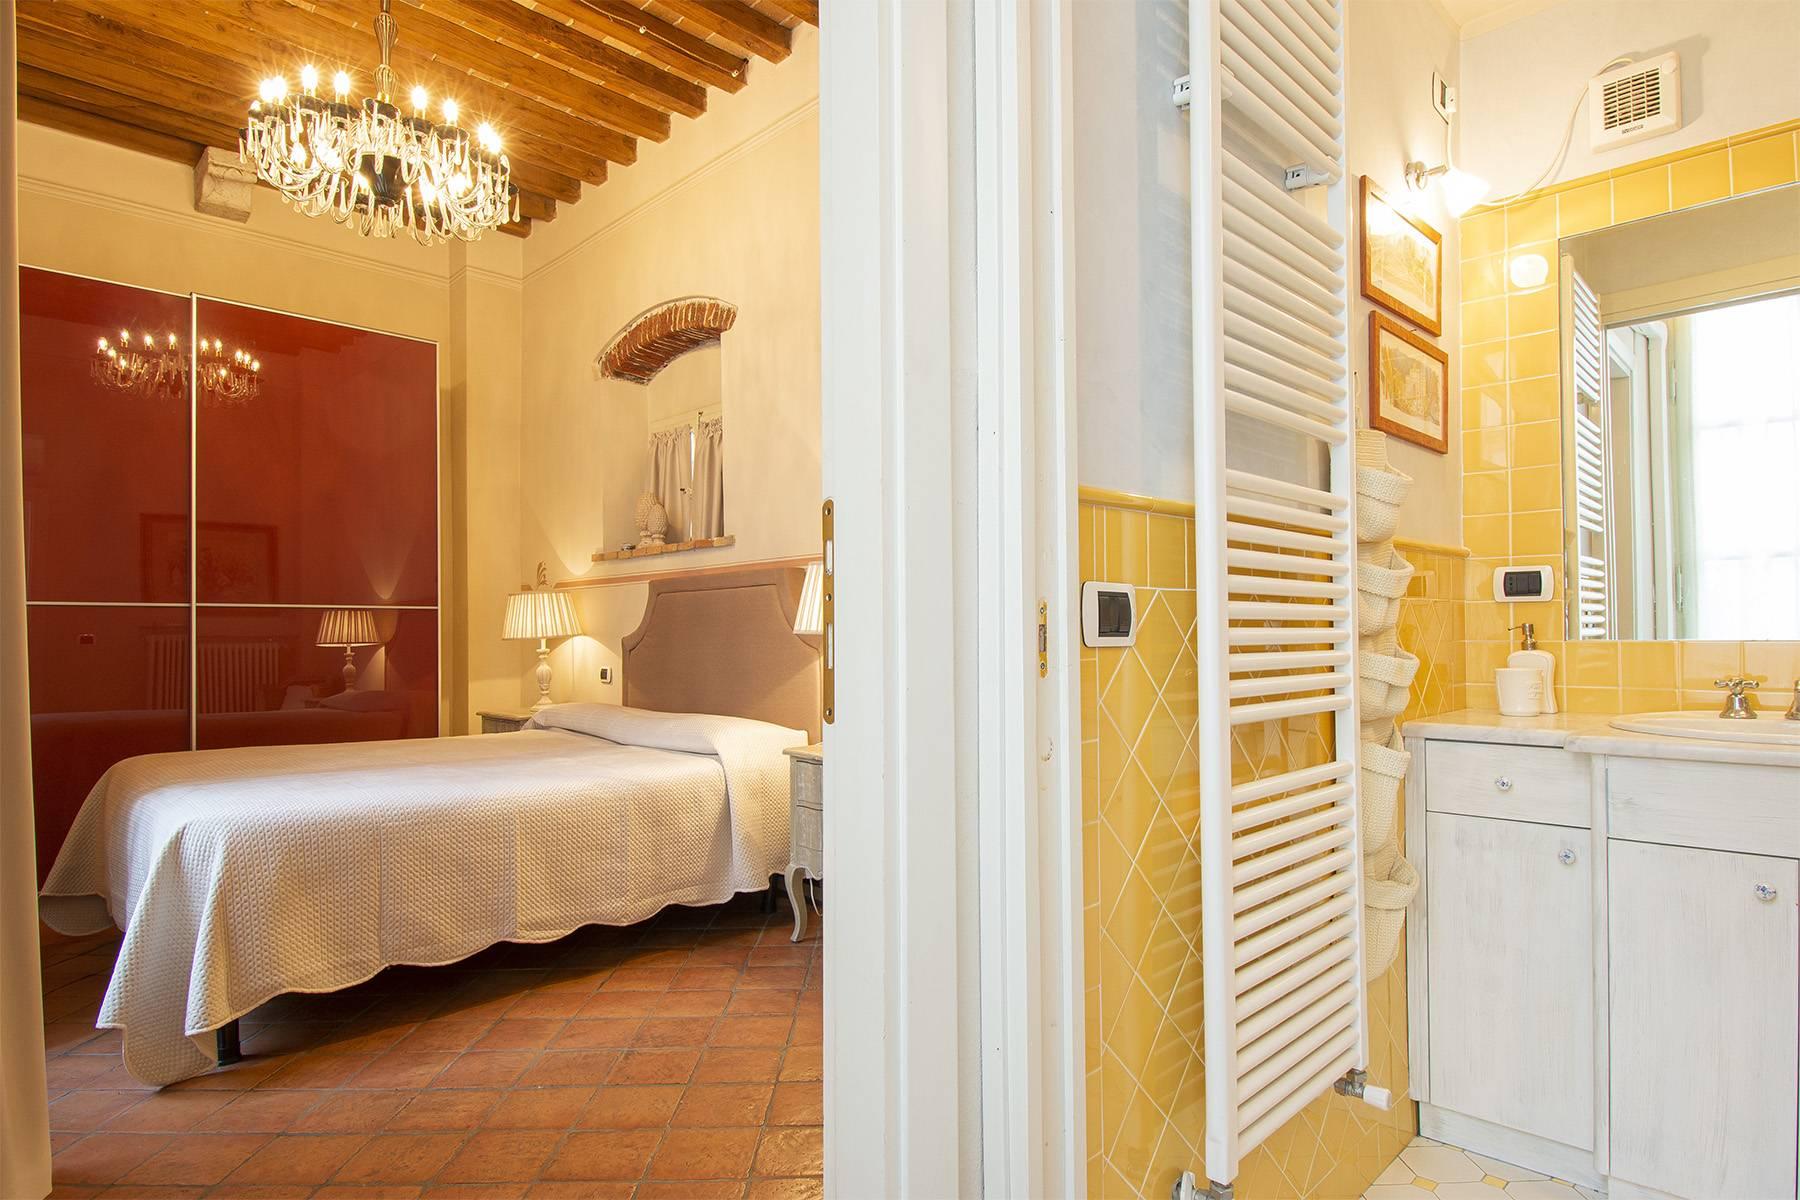 Appartamento in Vendita a Lucca: 5 locali, 77 mq - Foto 11